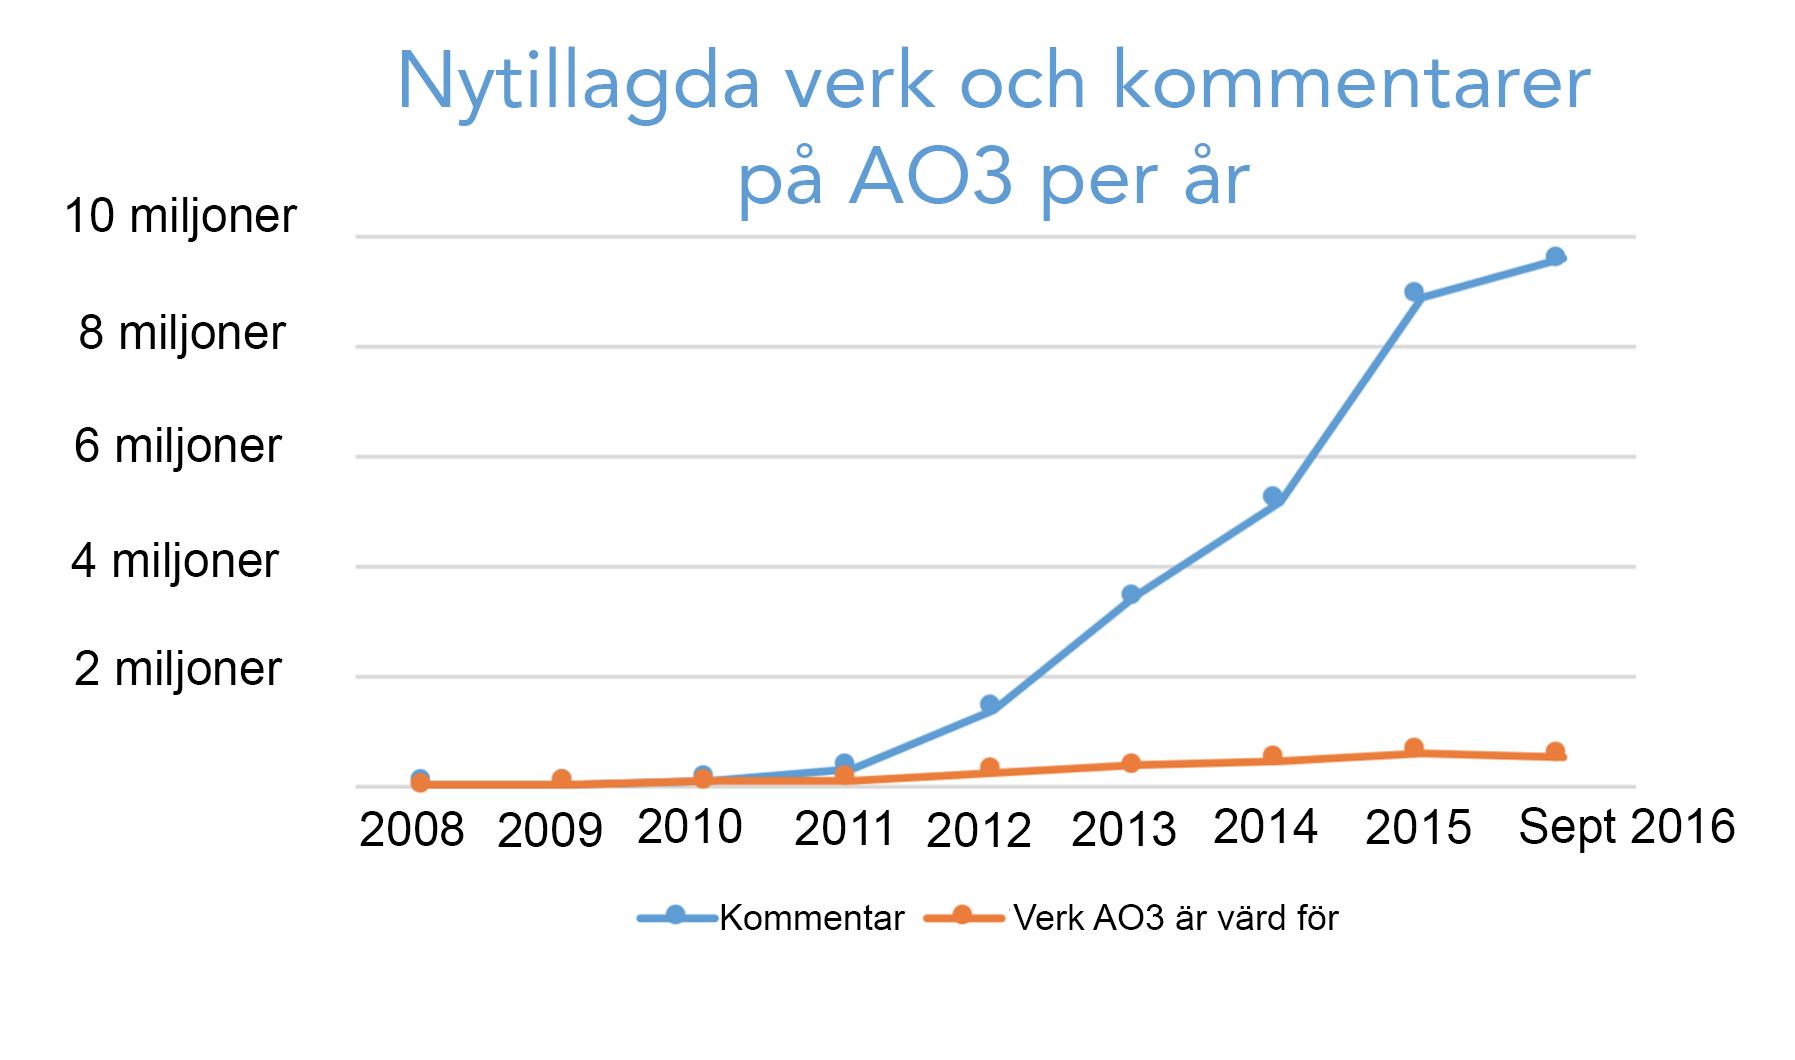 Tillväxtgraf för verk och kommentarer som skapats varje år på AO3, från noll år 2008 till över 500 000 verk och 9,5 miljoner kommentarer bara det här året.